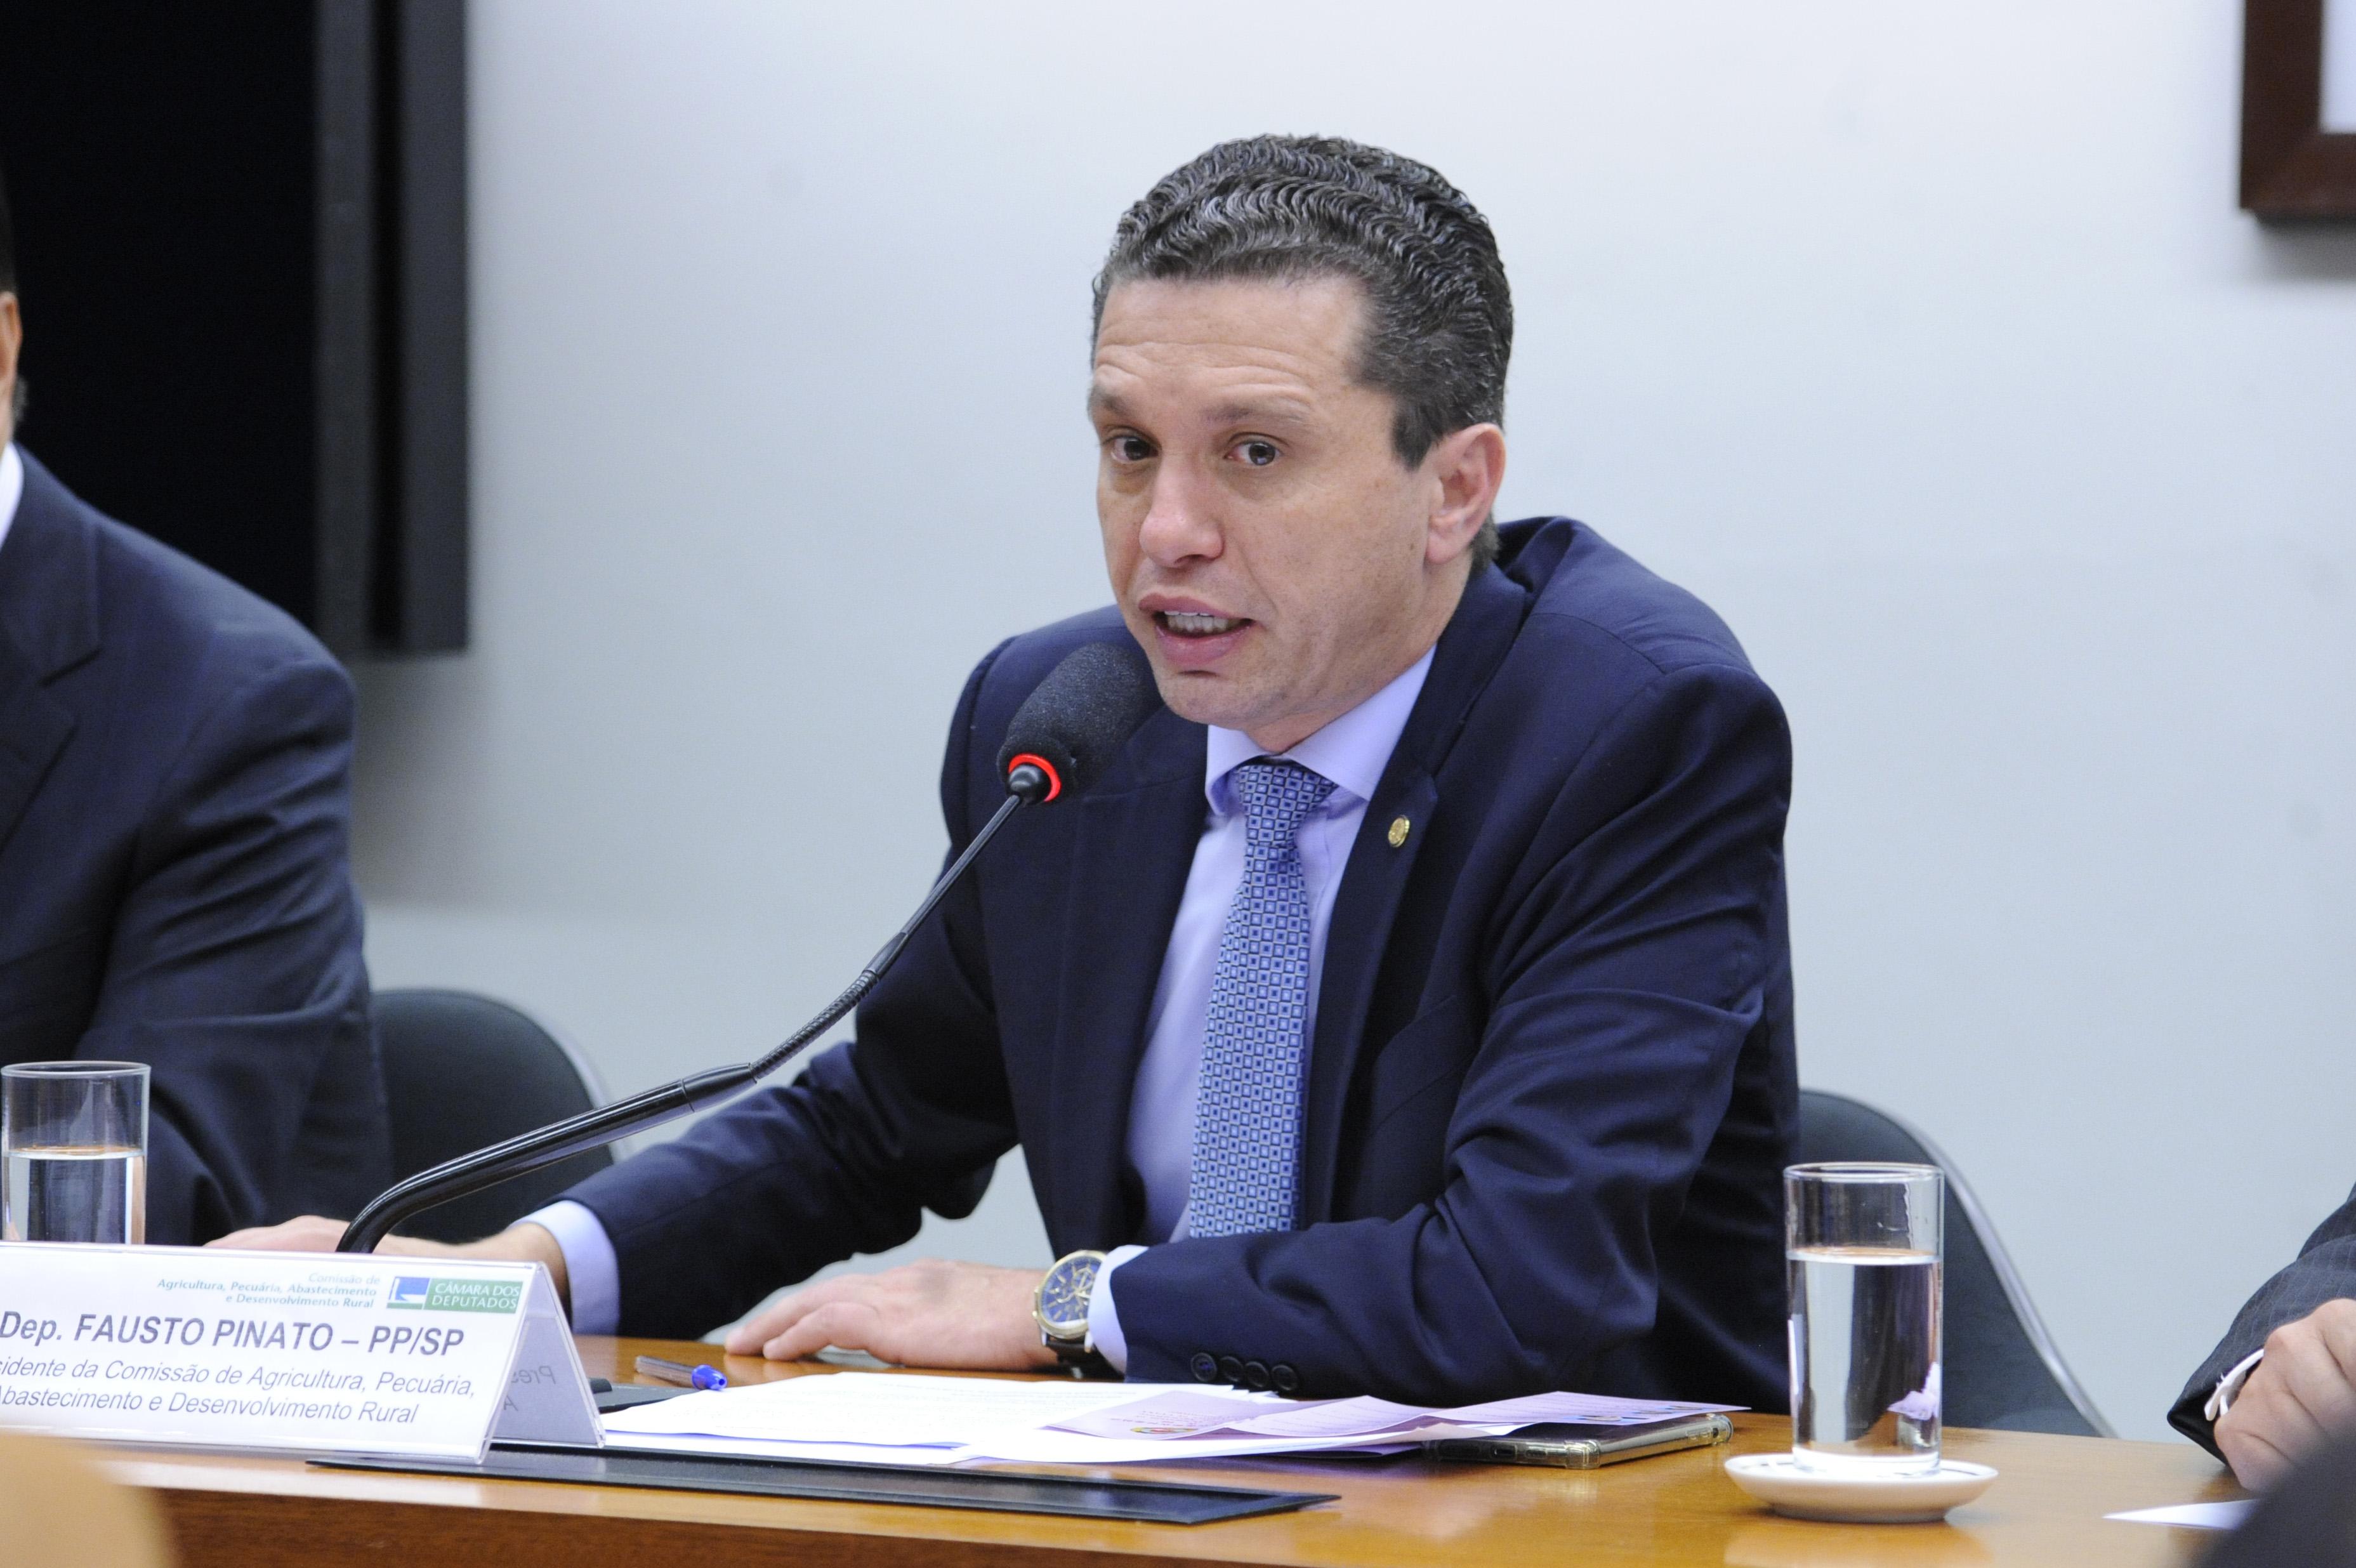 Visita Oficial da Delegação do Parlamento Chinês à Comissão de Agricultura. Dep. Fausto Pinato (PP-SP)